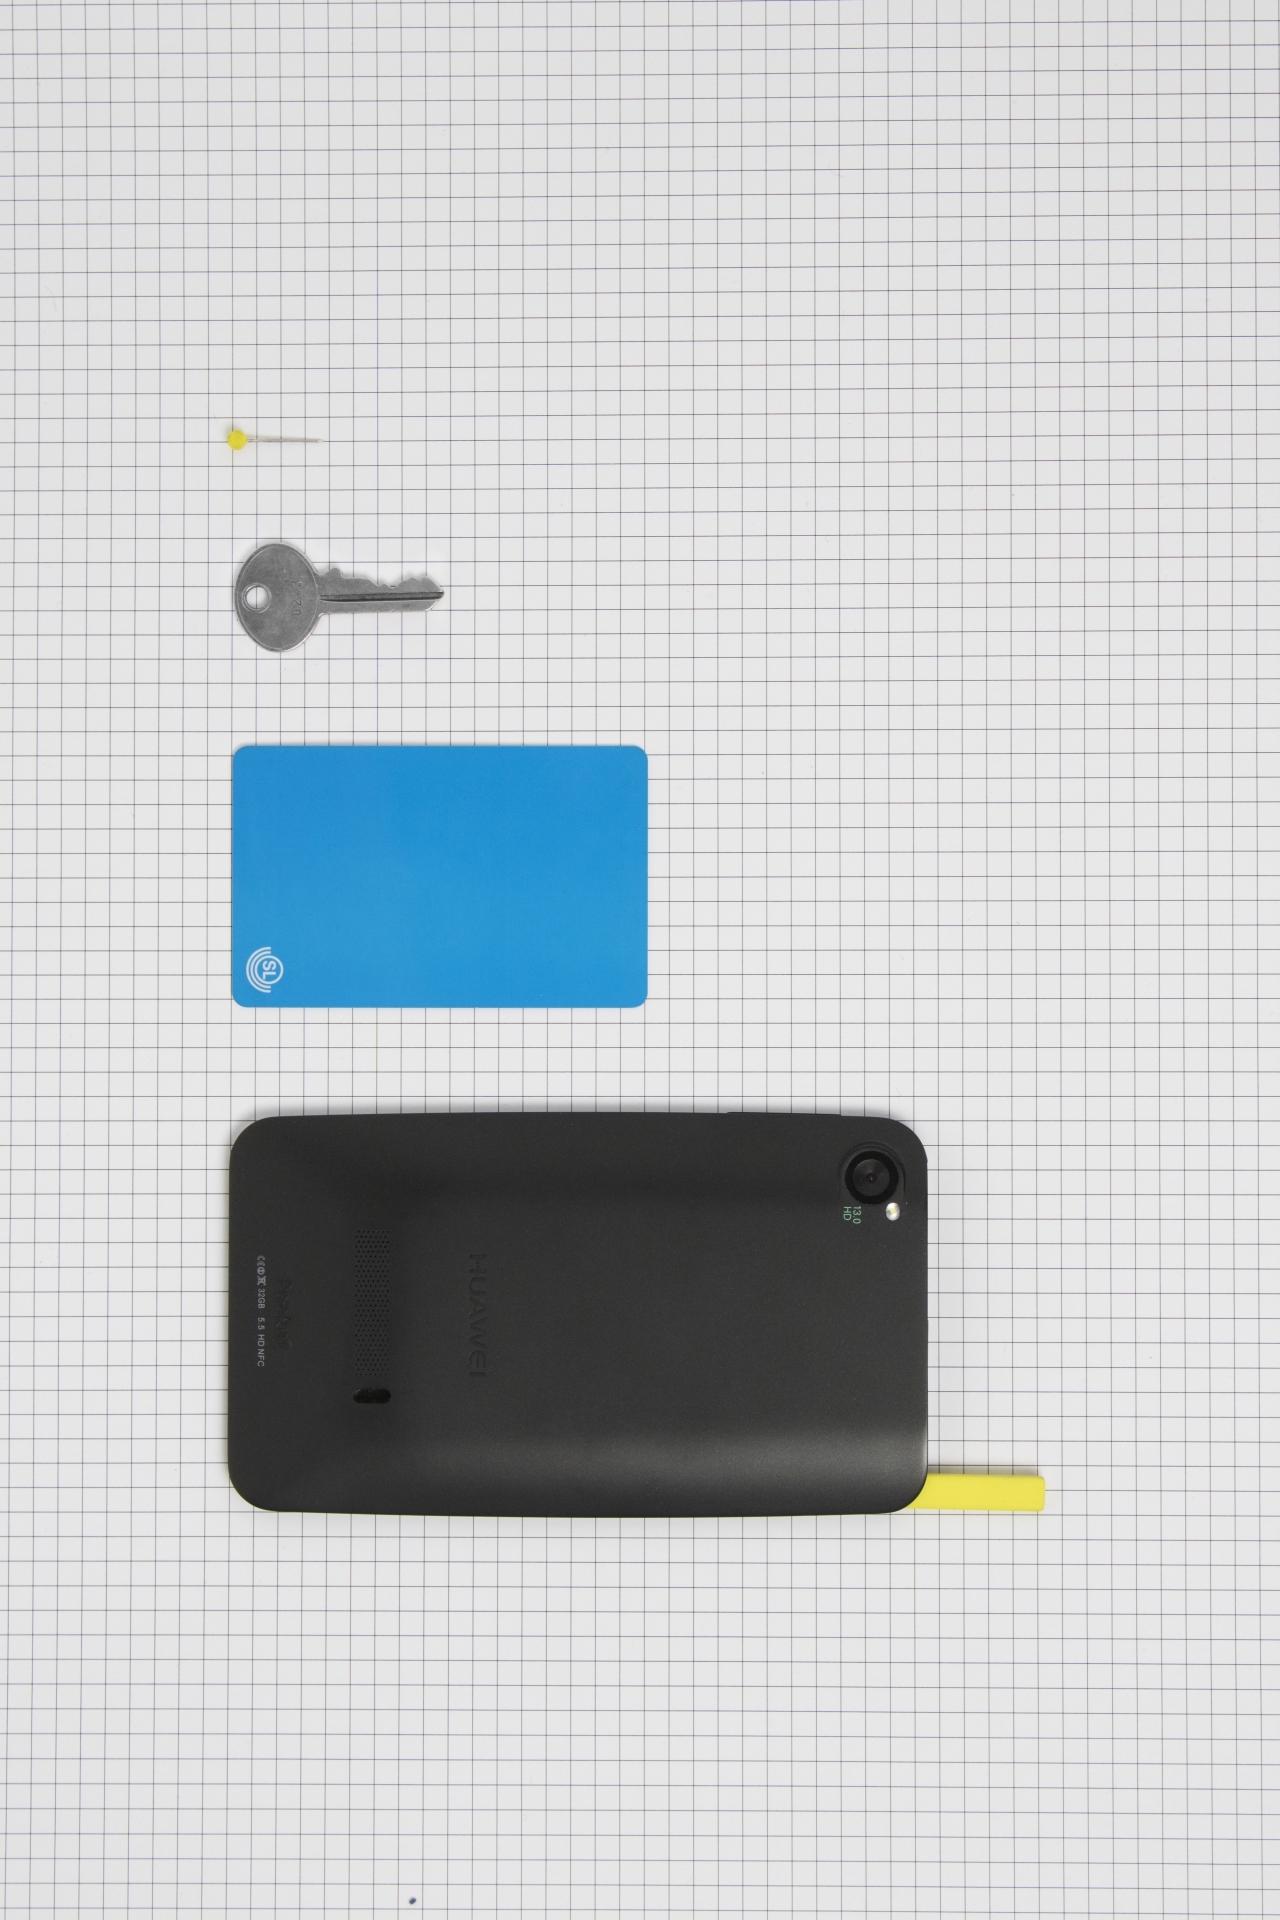 OfD 11 / Huawei / Pocket